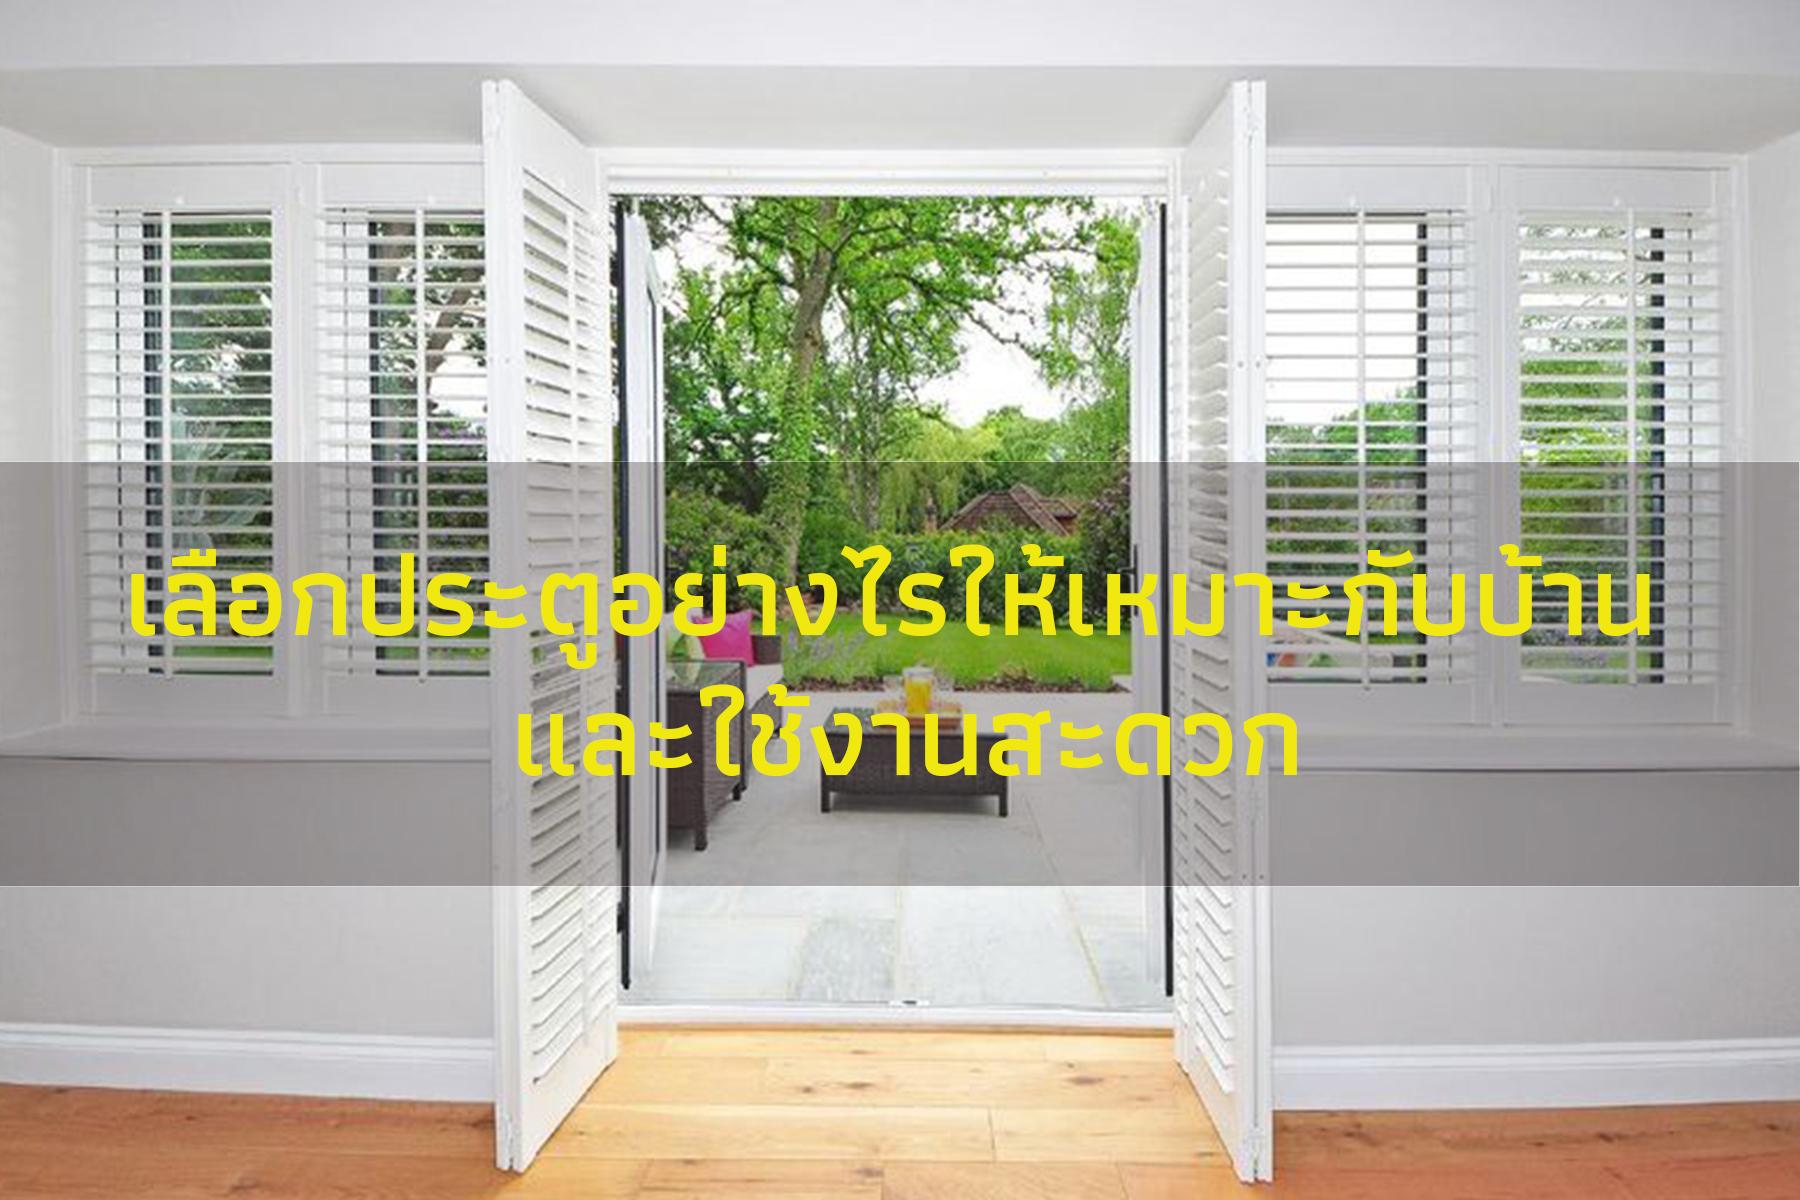 เลือกประตูอย่างไรให้เหมาะกับบ้าน และใช้งานสะดวก